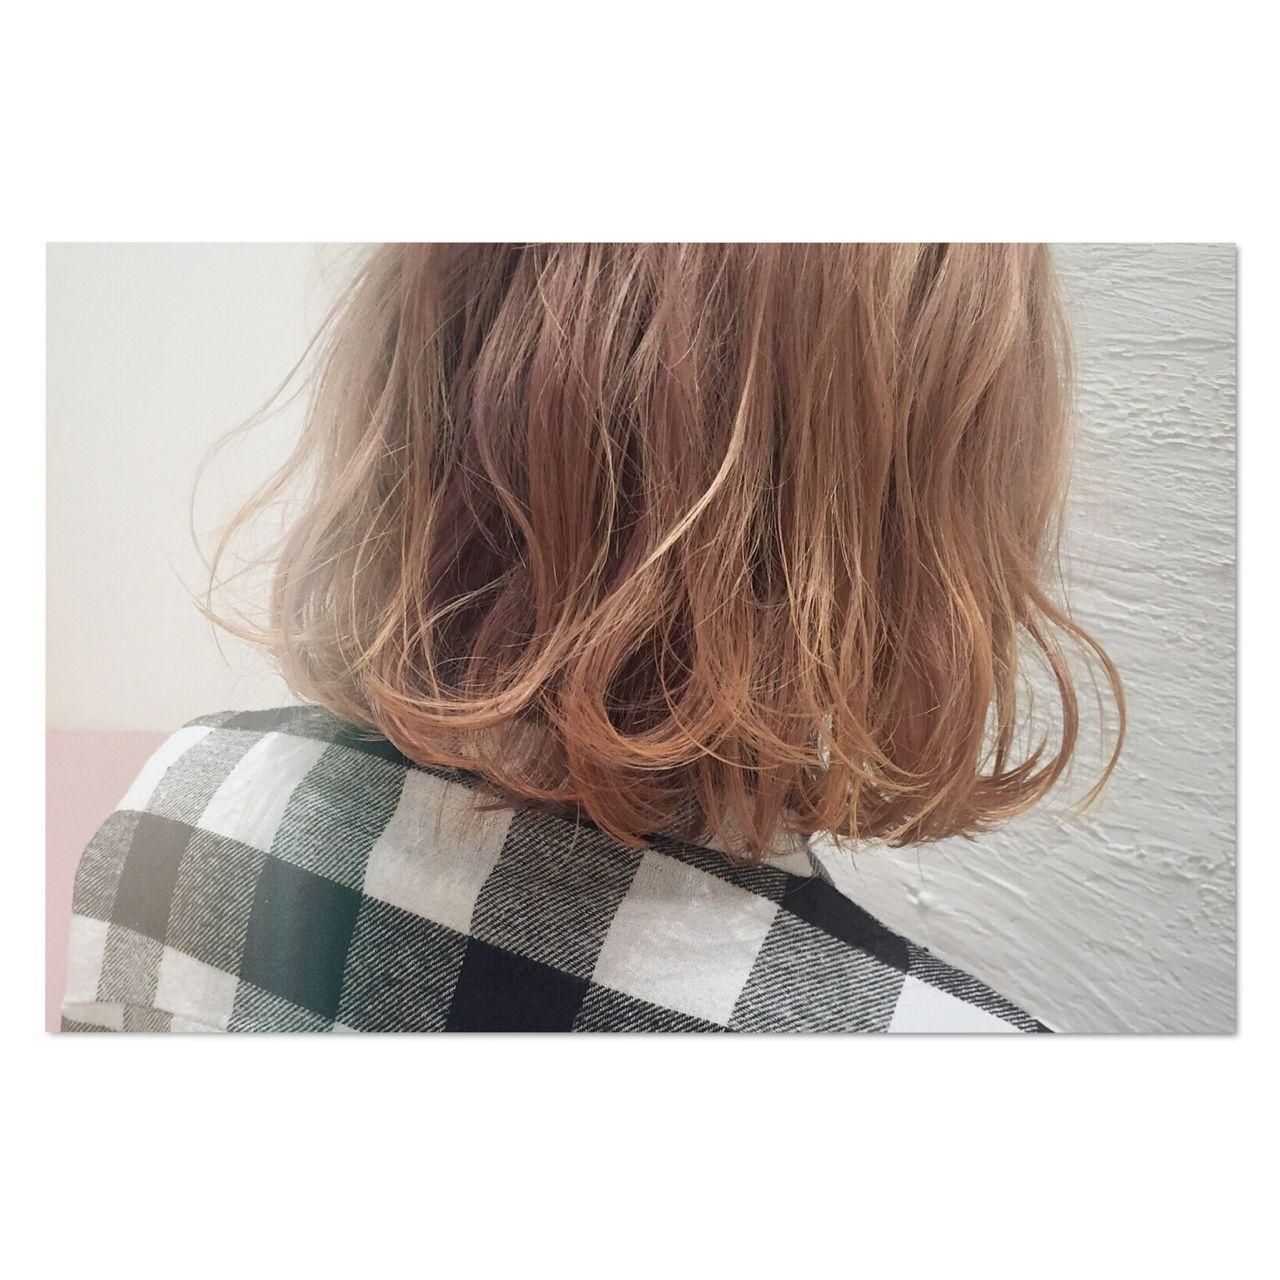 センターパート パンク ストリート ロング ヘアスタイルや髪型の写真・画像